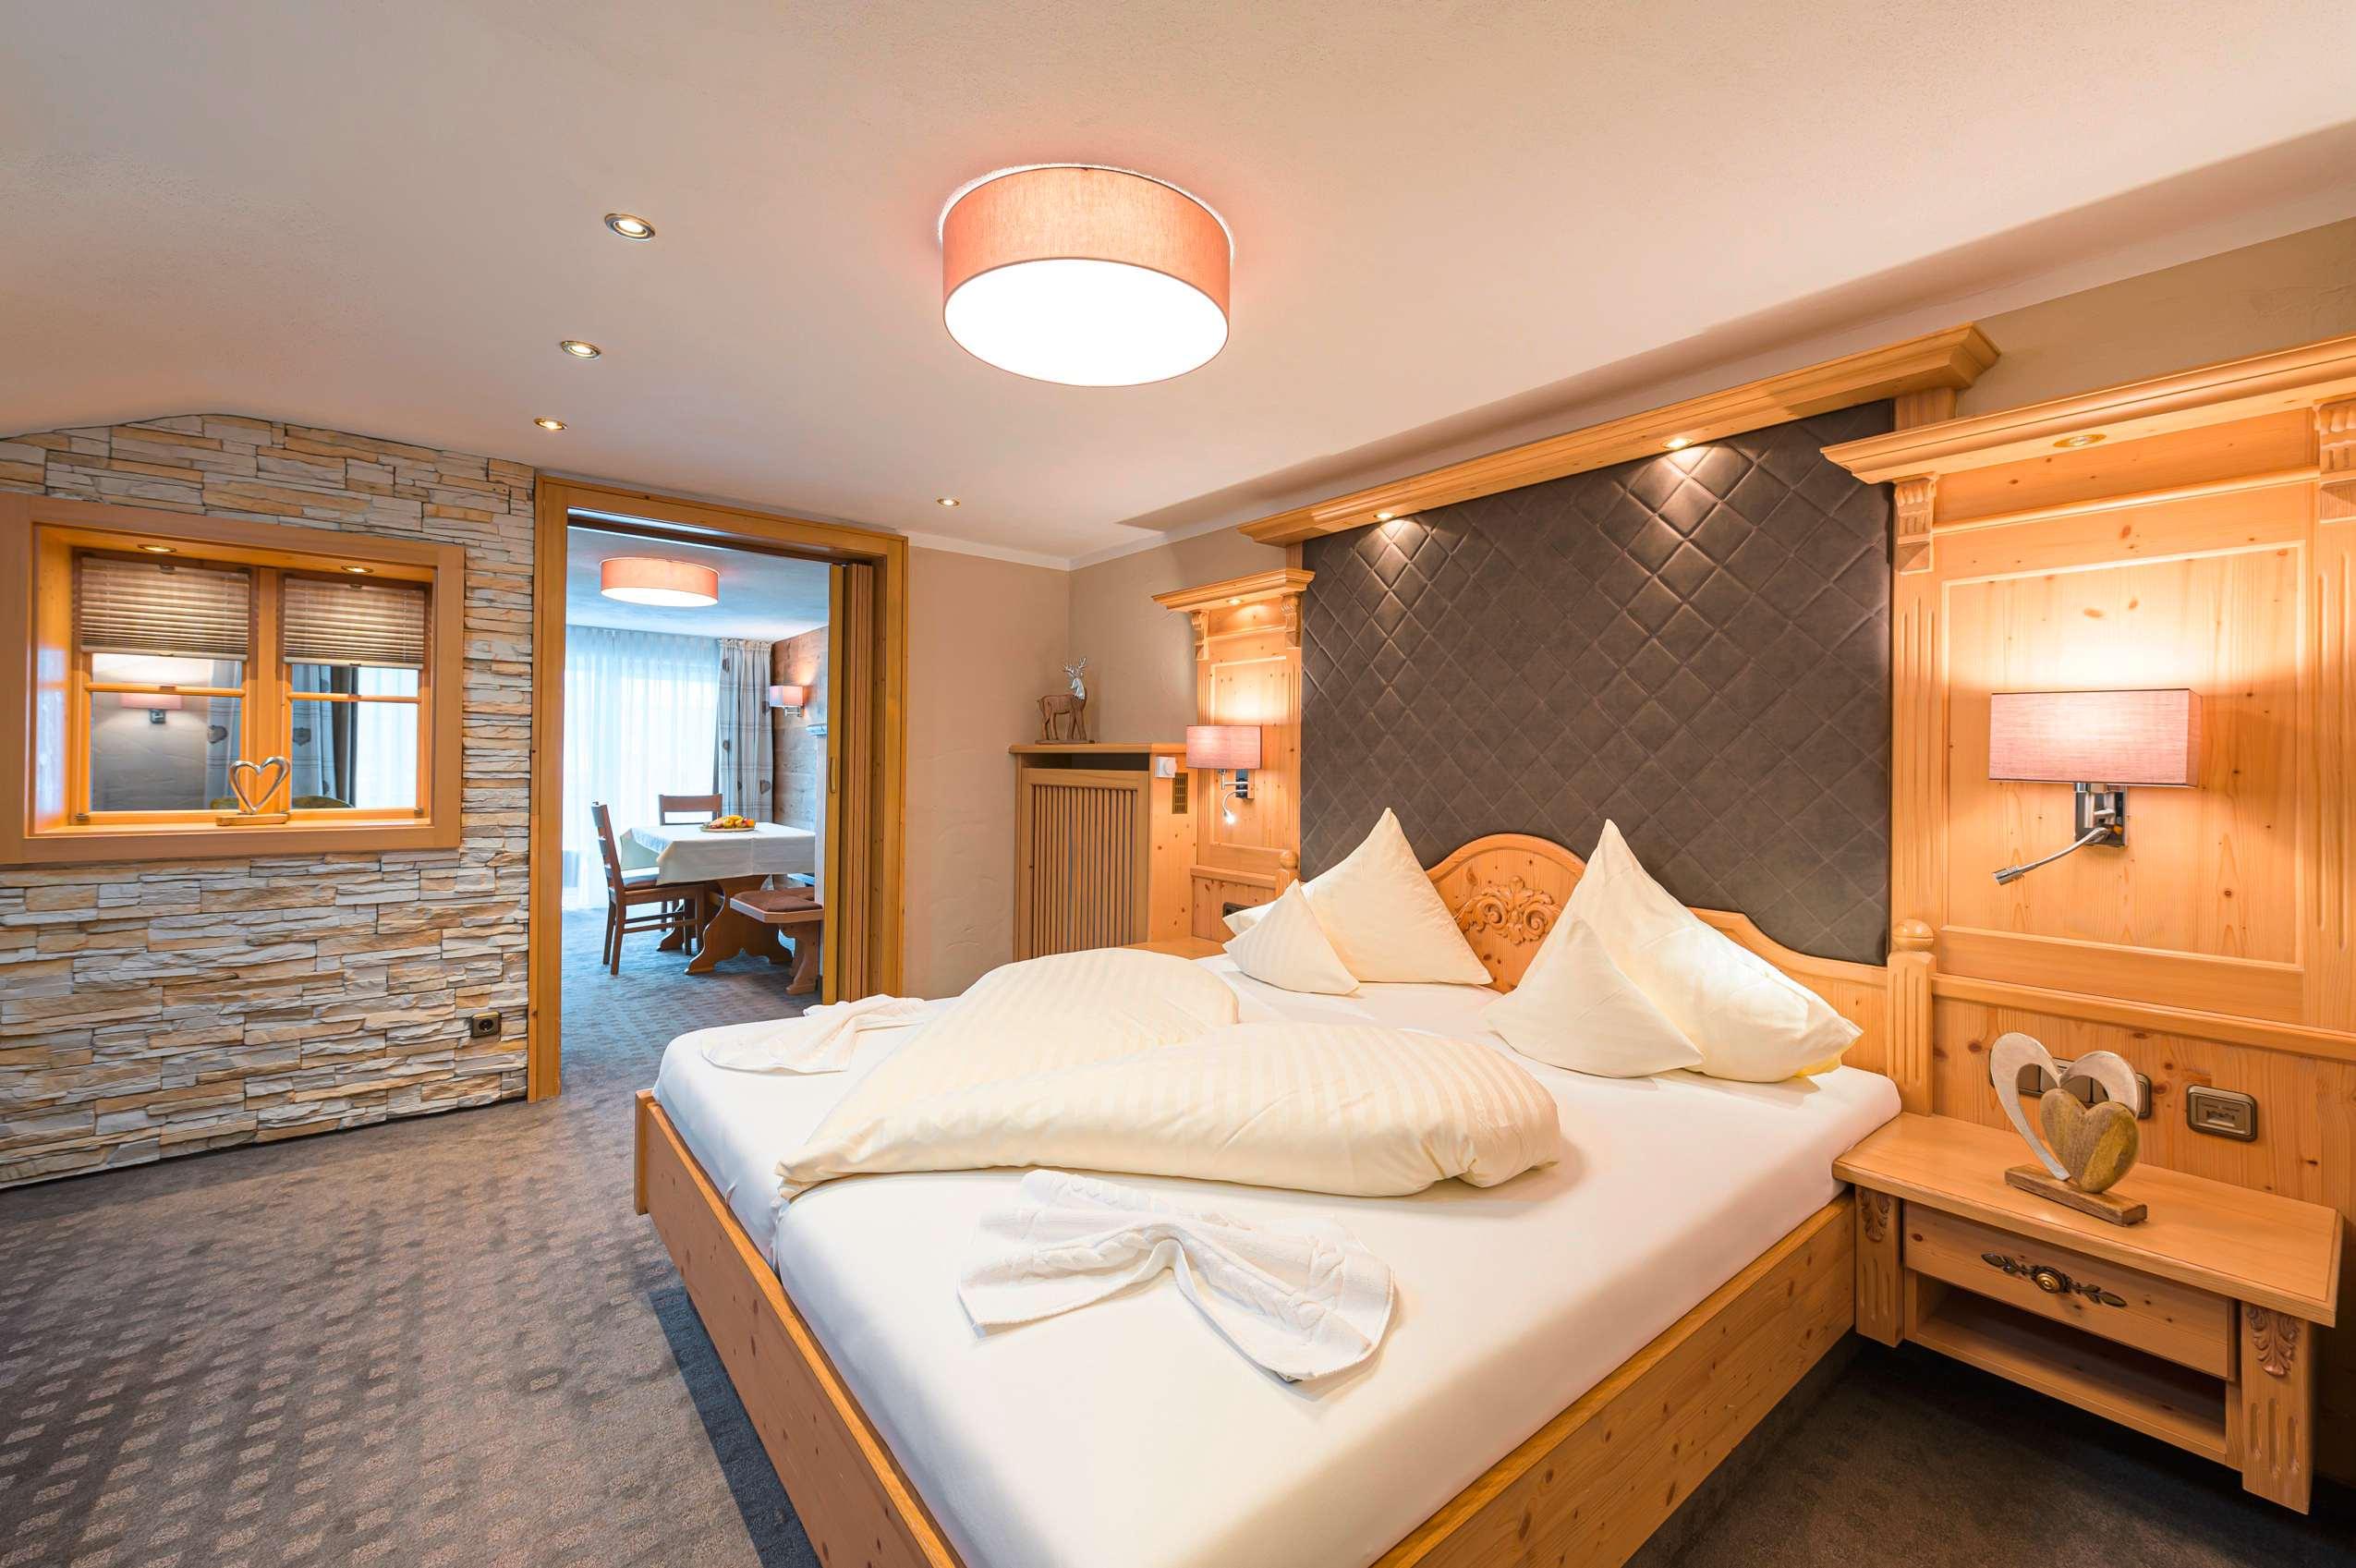 Komfortables Doppelzimmer mit Holzbett und grauen Akzenten